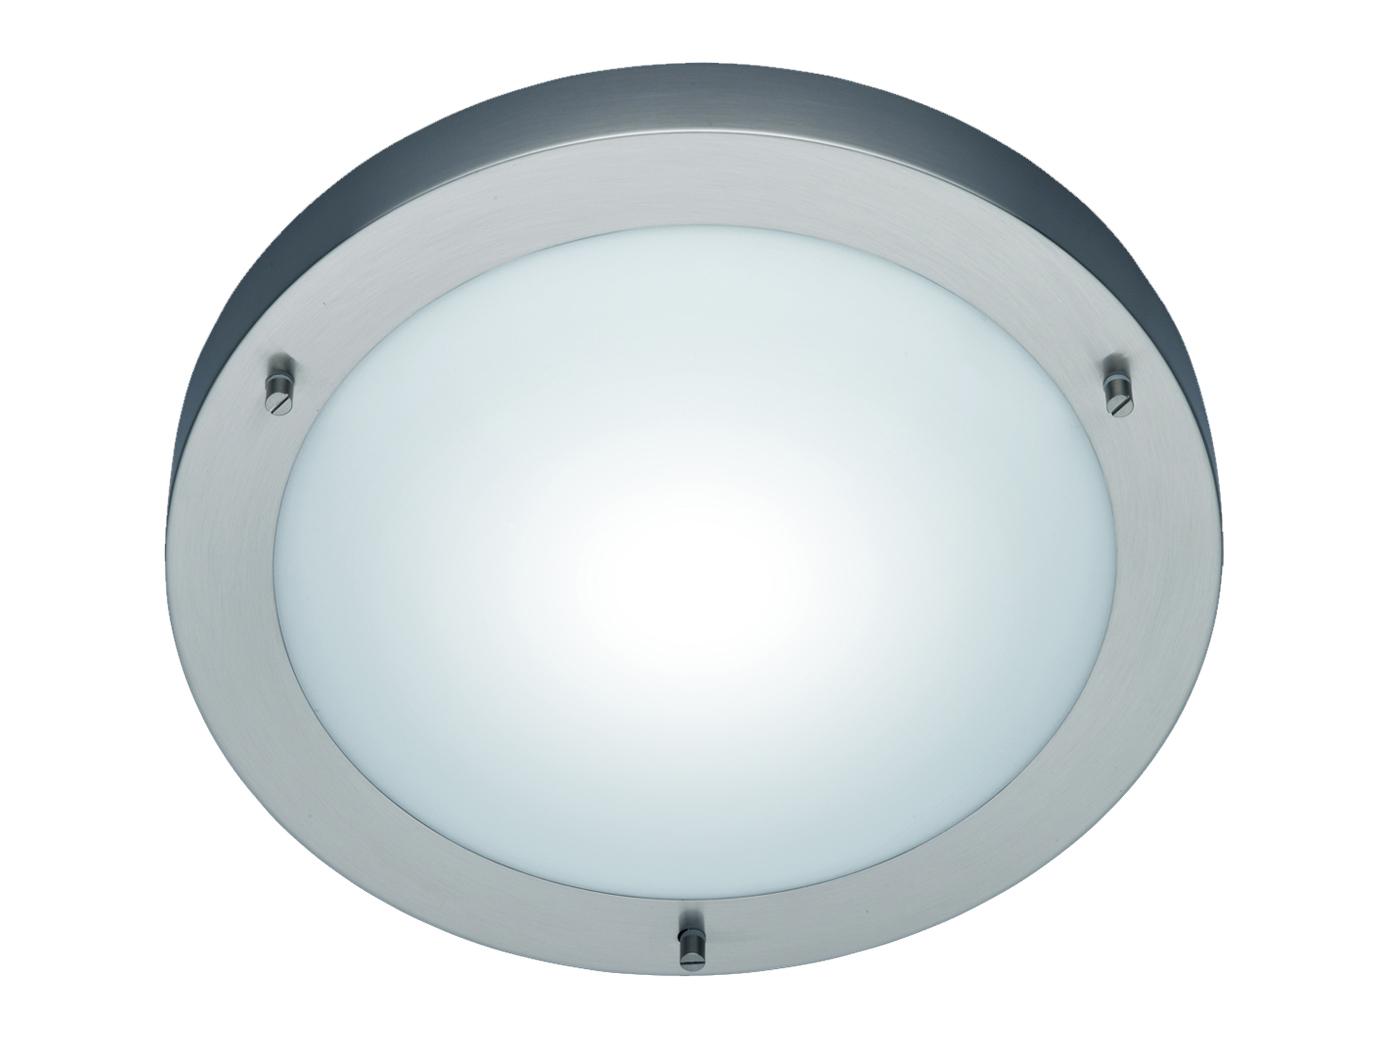 TRIO Deckenleuchte // Deckenschale Opalglas//Nickel Ø 30cm 1 x E27